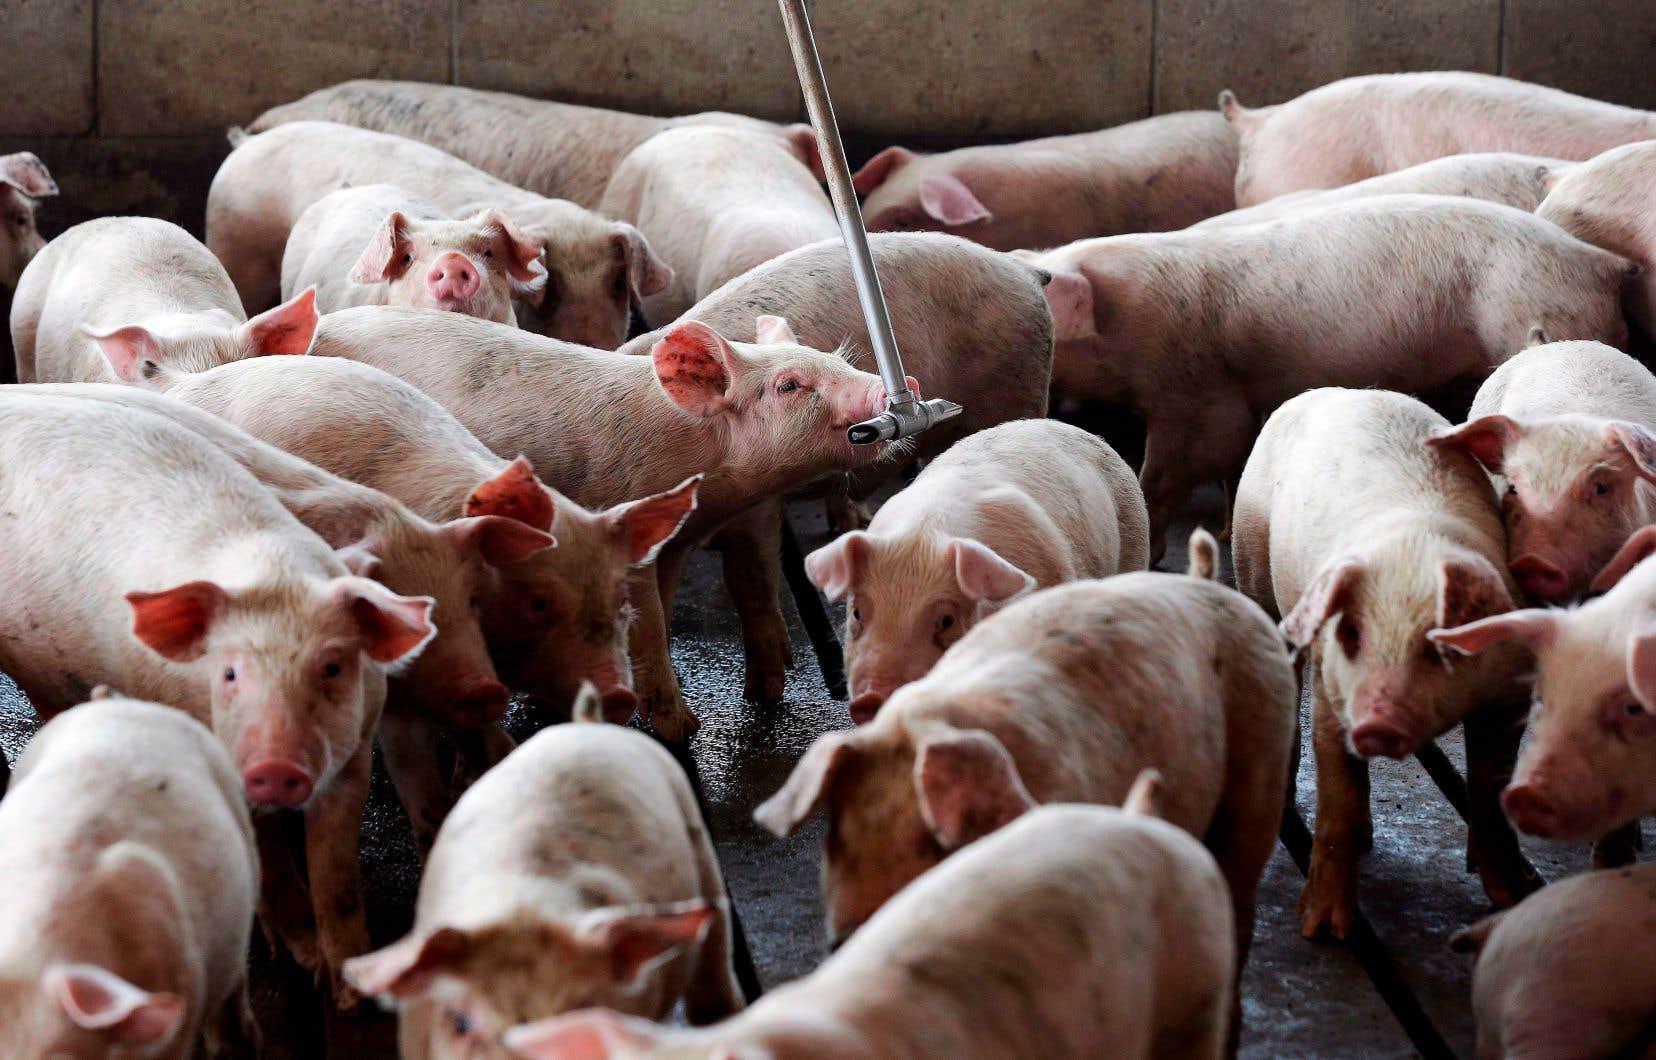 F. Ménard revendique une production annuelle oscillant autour de 1,1 million de porcs élevés dans plus de 300 fermes au Québec.